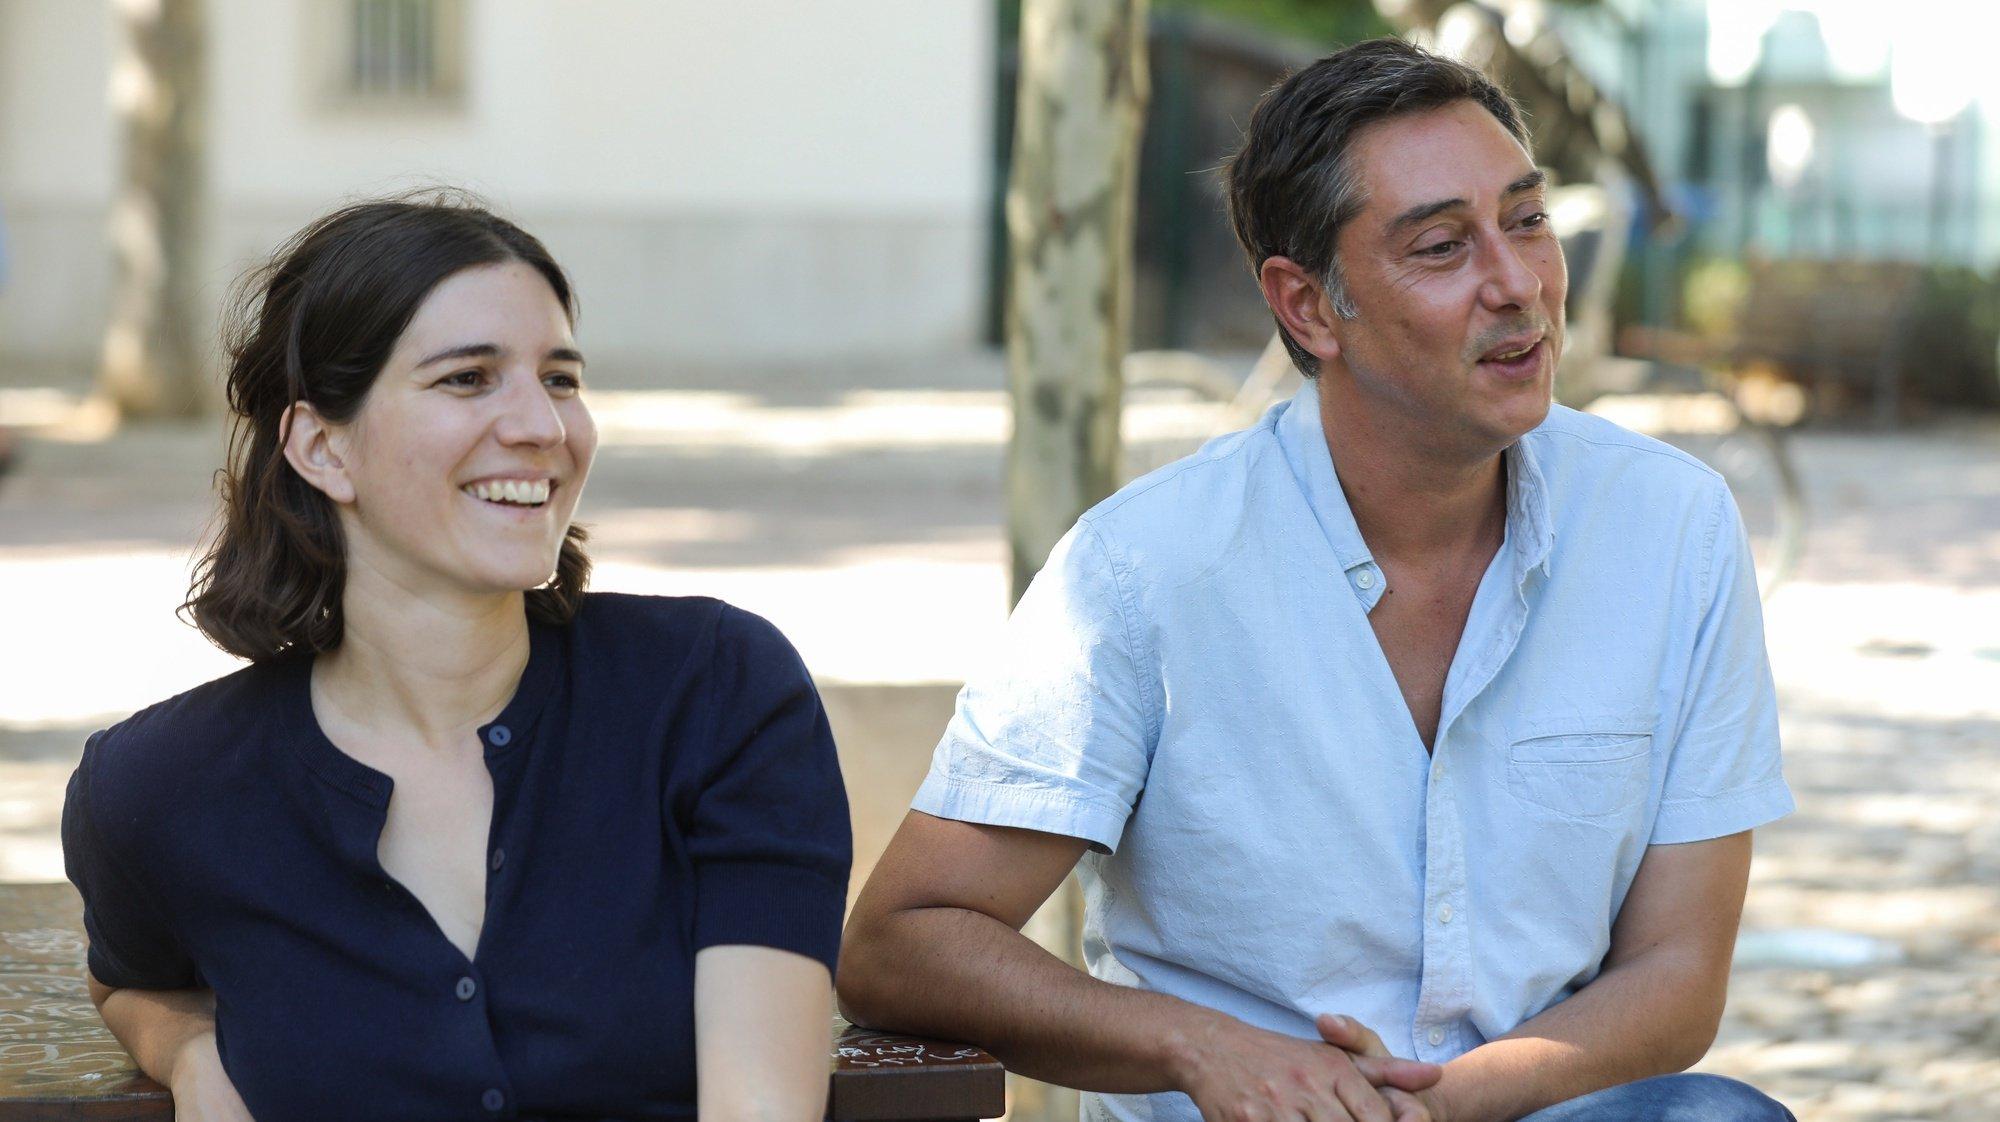 """O realizador do filme """"Diários de Otsoga"""", Maureen Fazendeiro e Miguel Gomes, durante uma entrevista à Agência Lusa, em Lisboa, 17 de agosto de 2021. O filme """"Diários de Otsoga"""", tem estreia marcada para dia 19 de agosto. (ACOMPANHA TEXTO DE 18 DE AGOSTO DE 2021). MIGUEL A. LOPES / LUSA"""